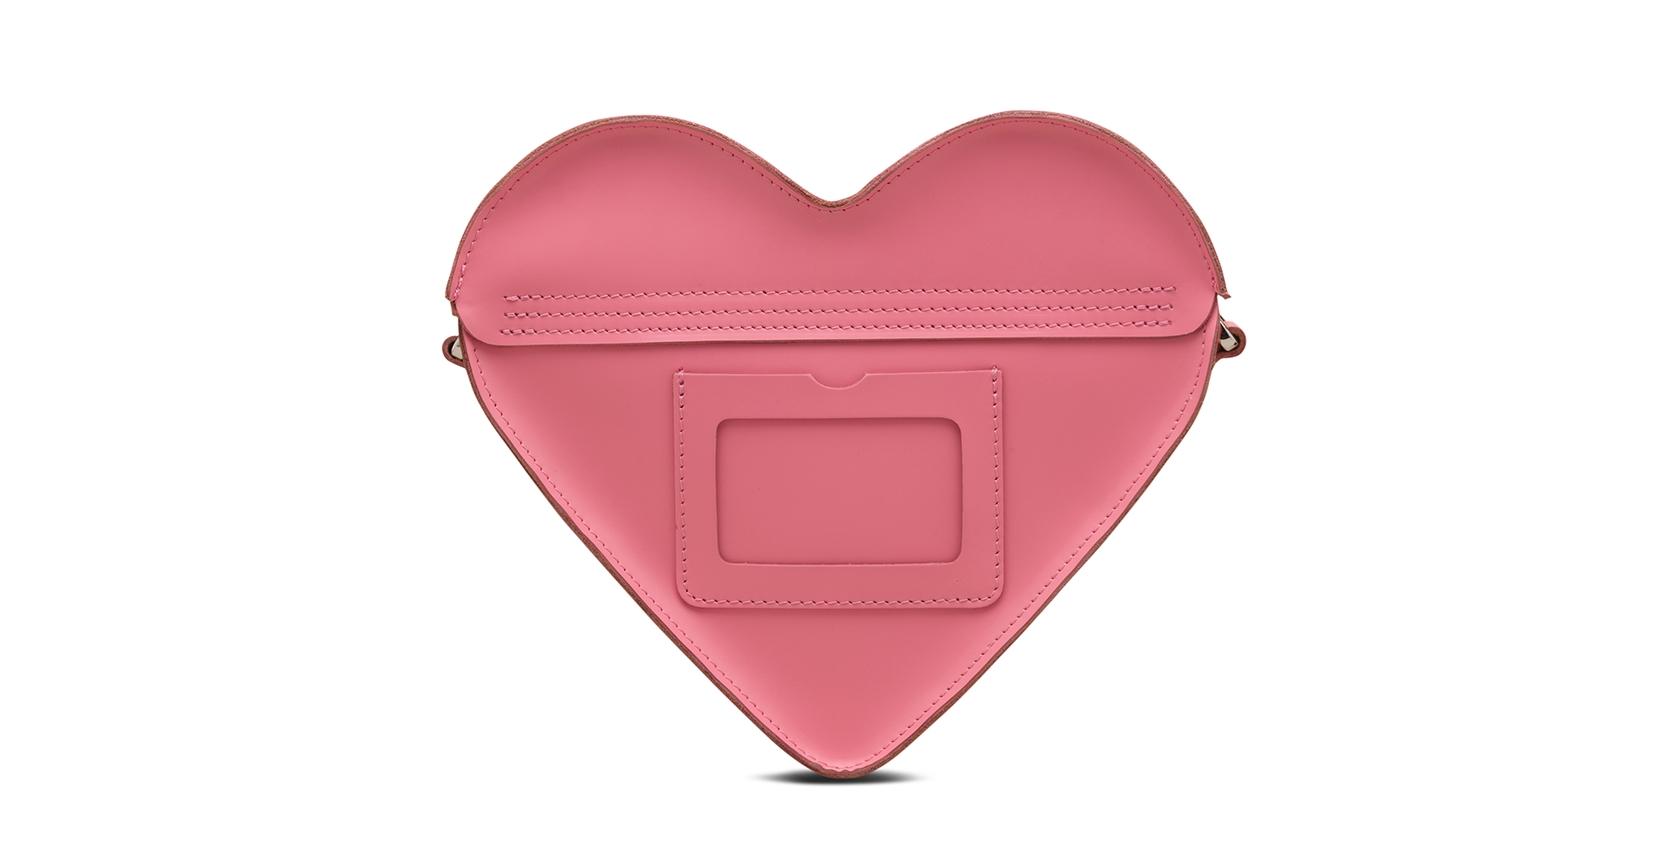 14 февраля: сердечки, розы и Dr. Martins | Модные тренды | Красота